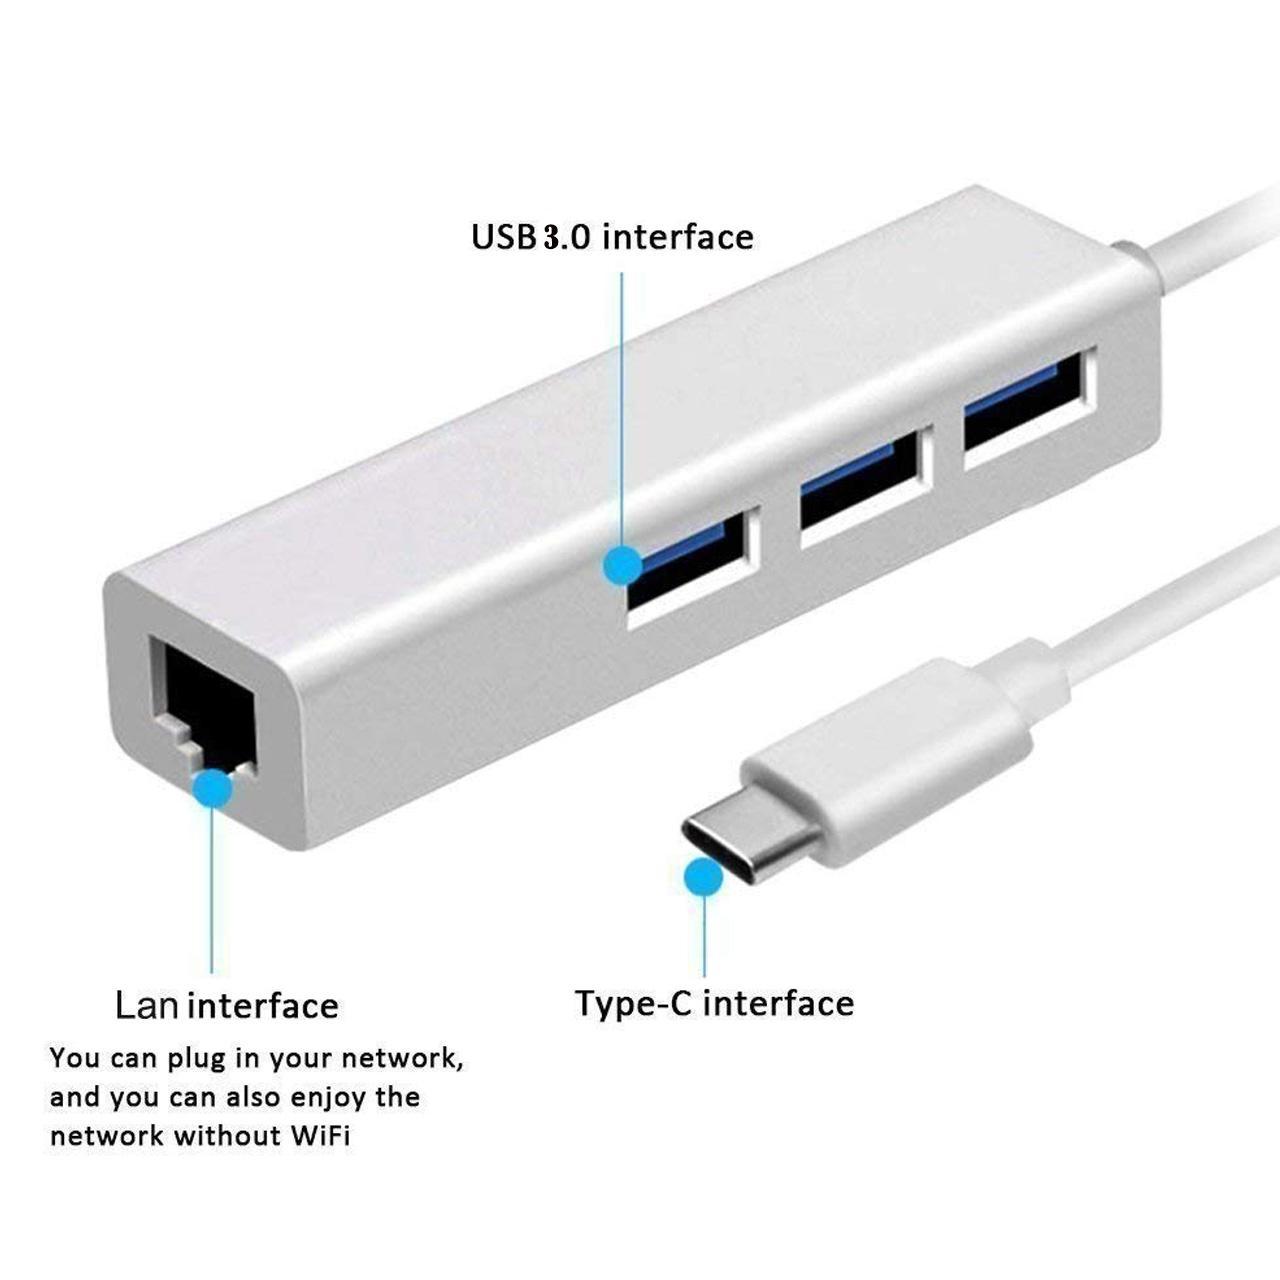 تبدیل USB Type-C به پورت LAN و USB